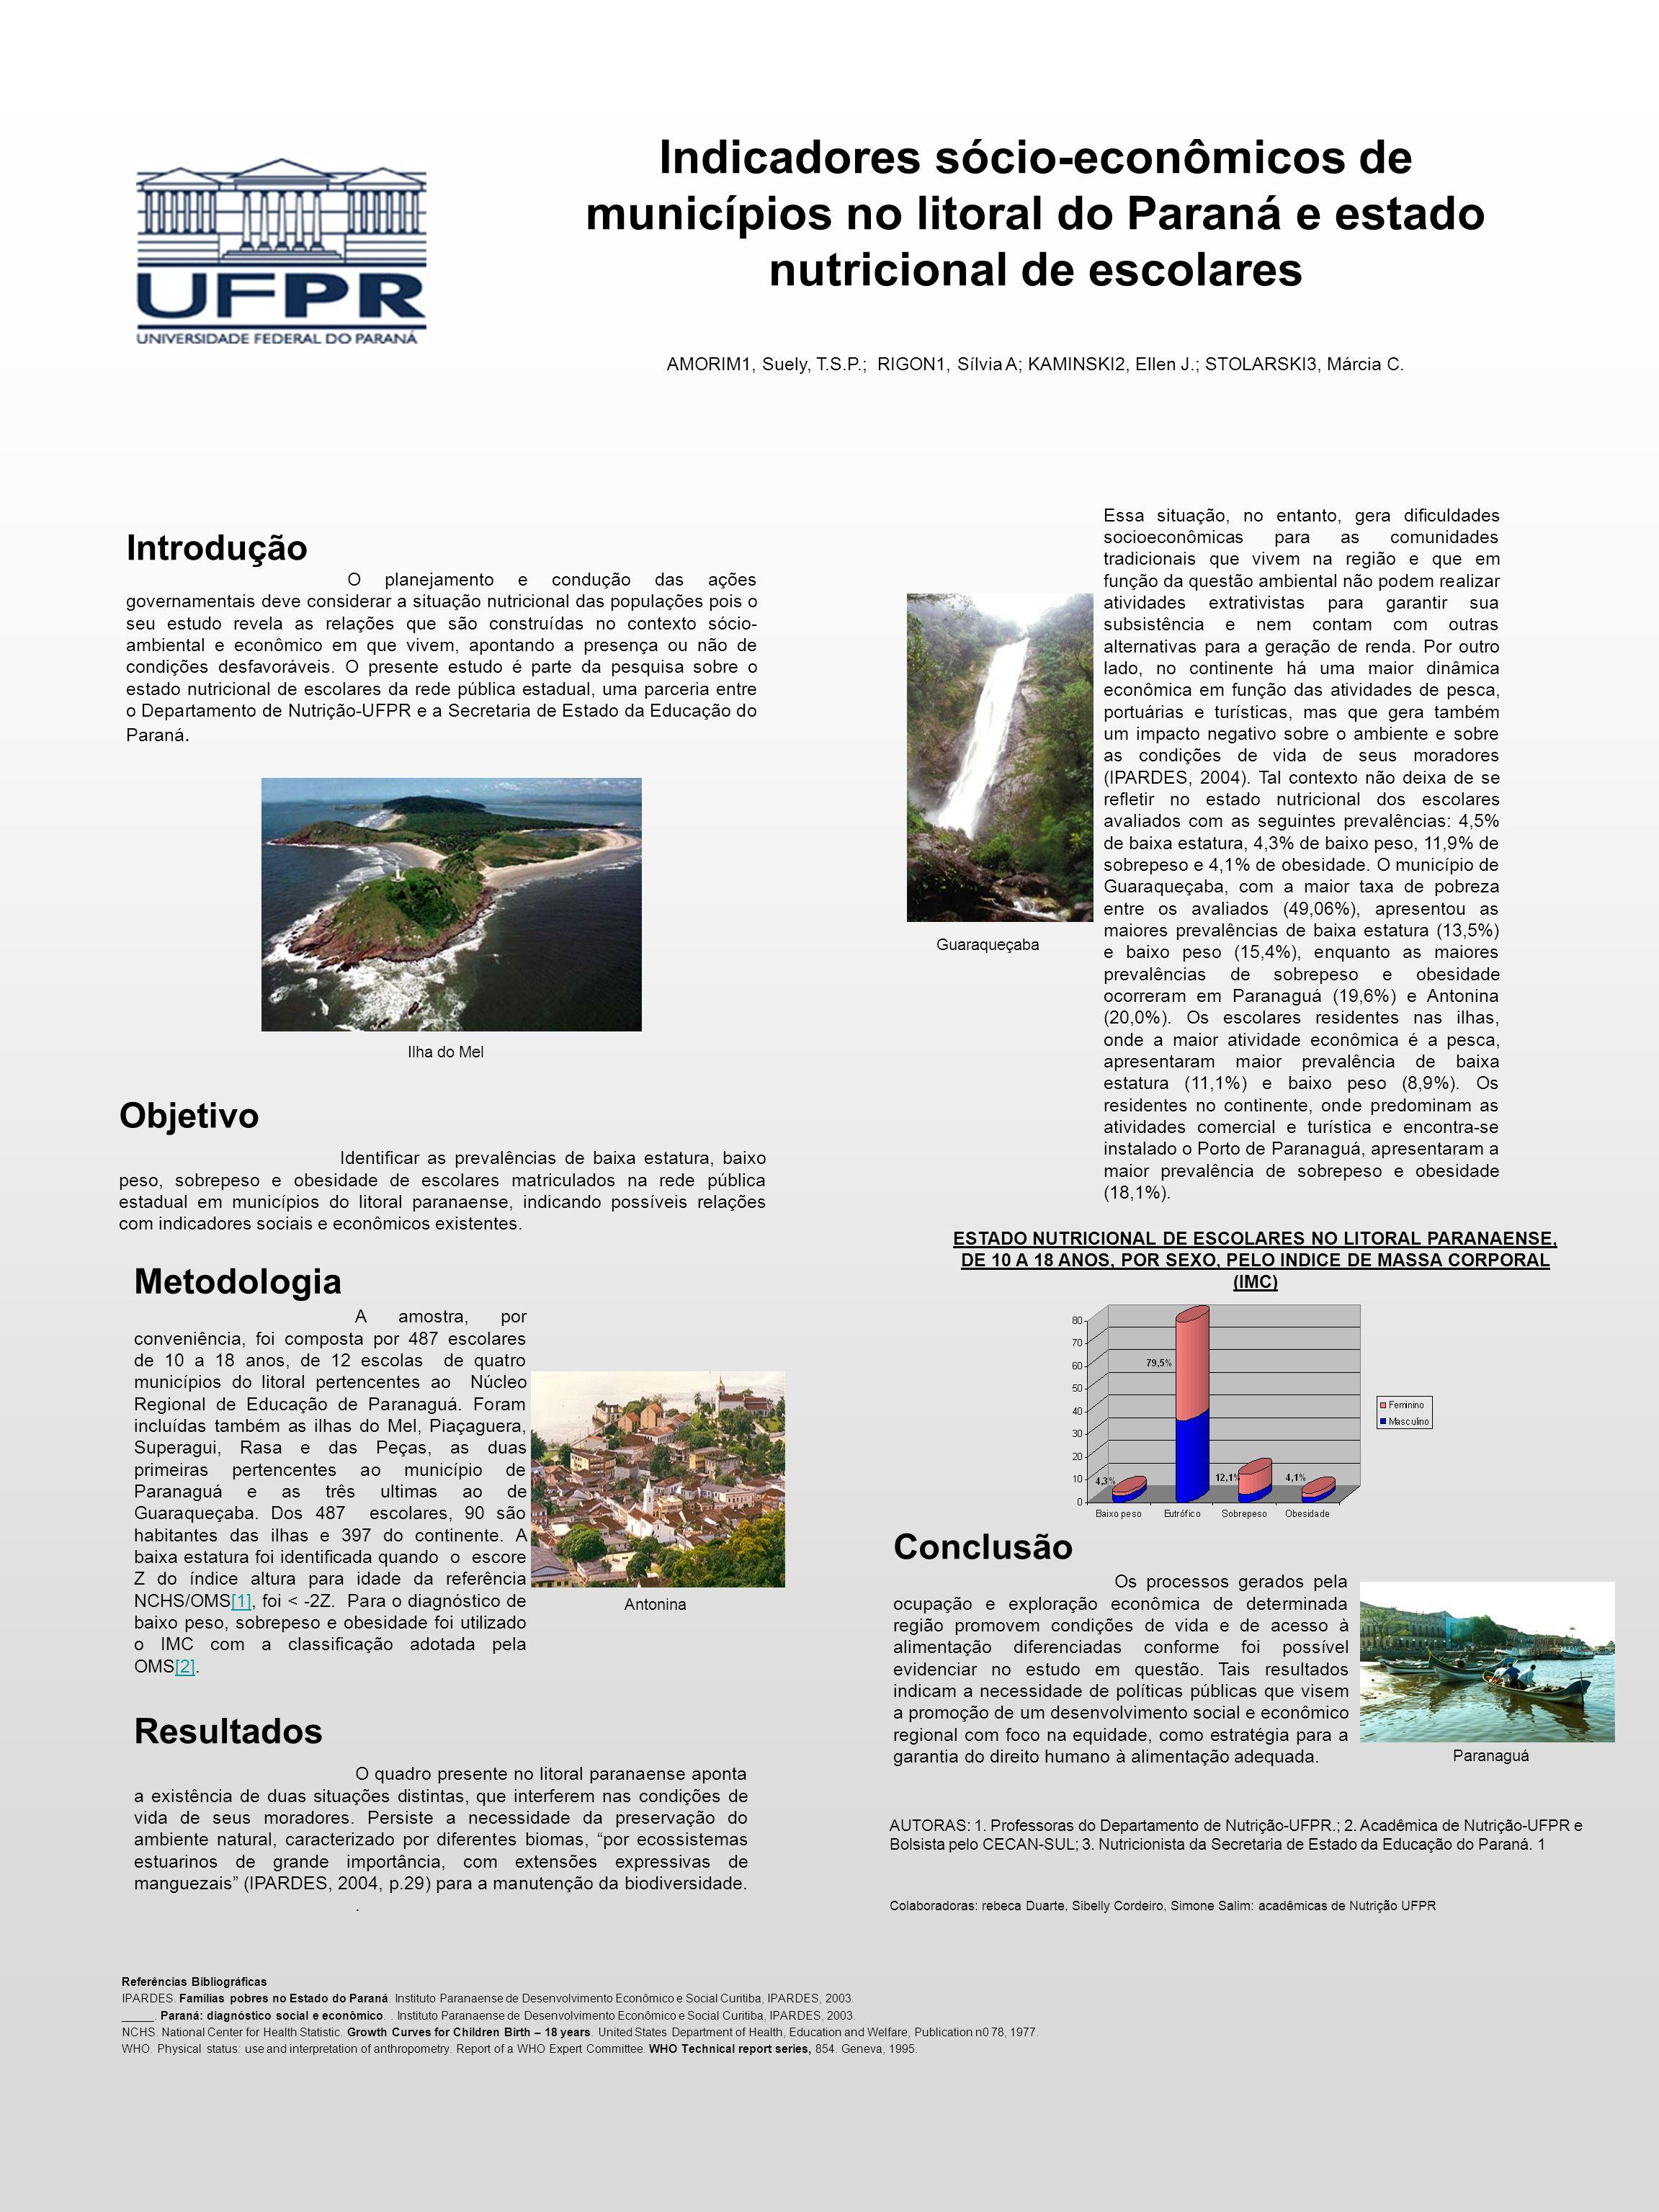 Indicadores sócio-econômicos de municípios no litoral do Paraná e estado nutricional de escolares